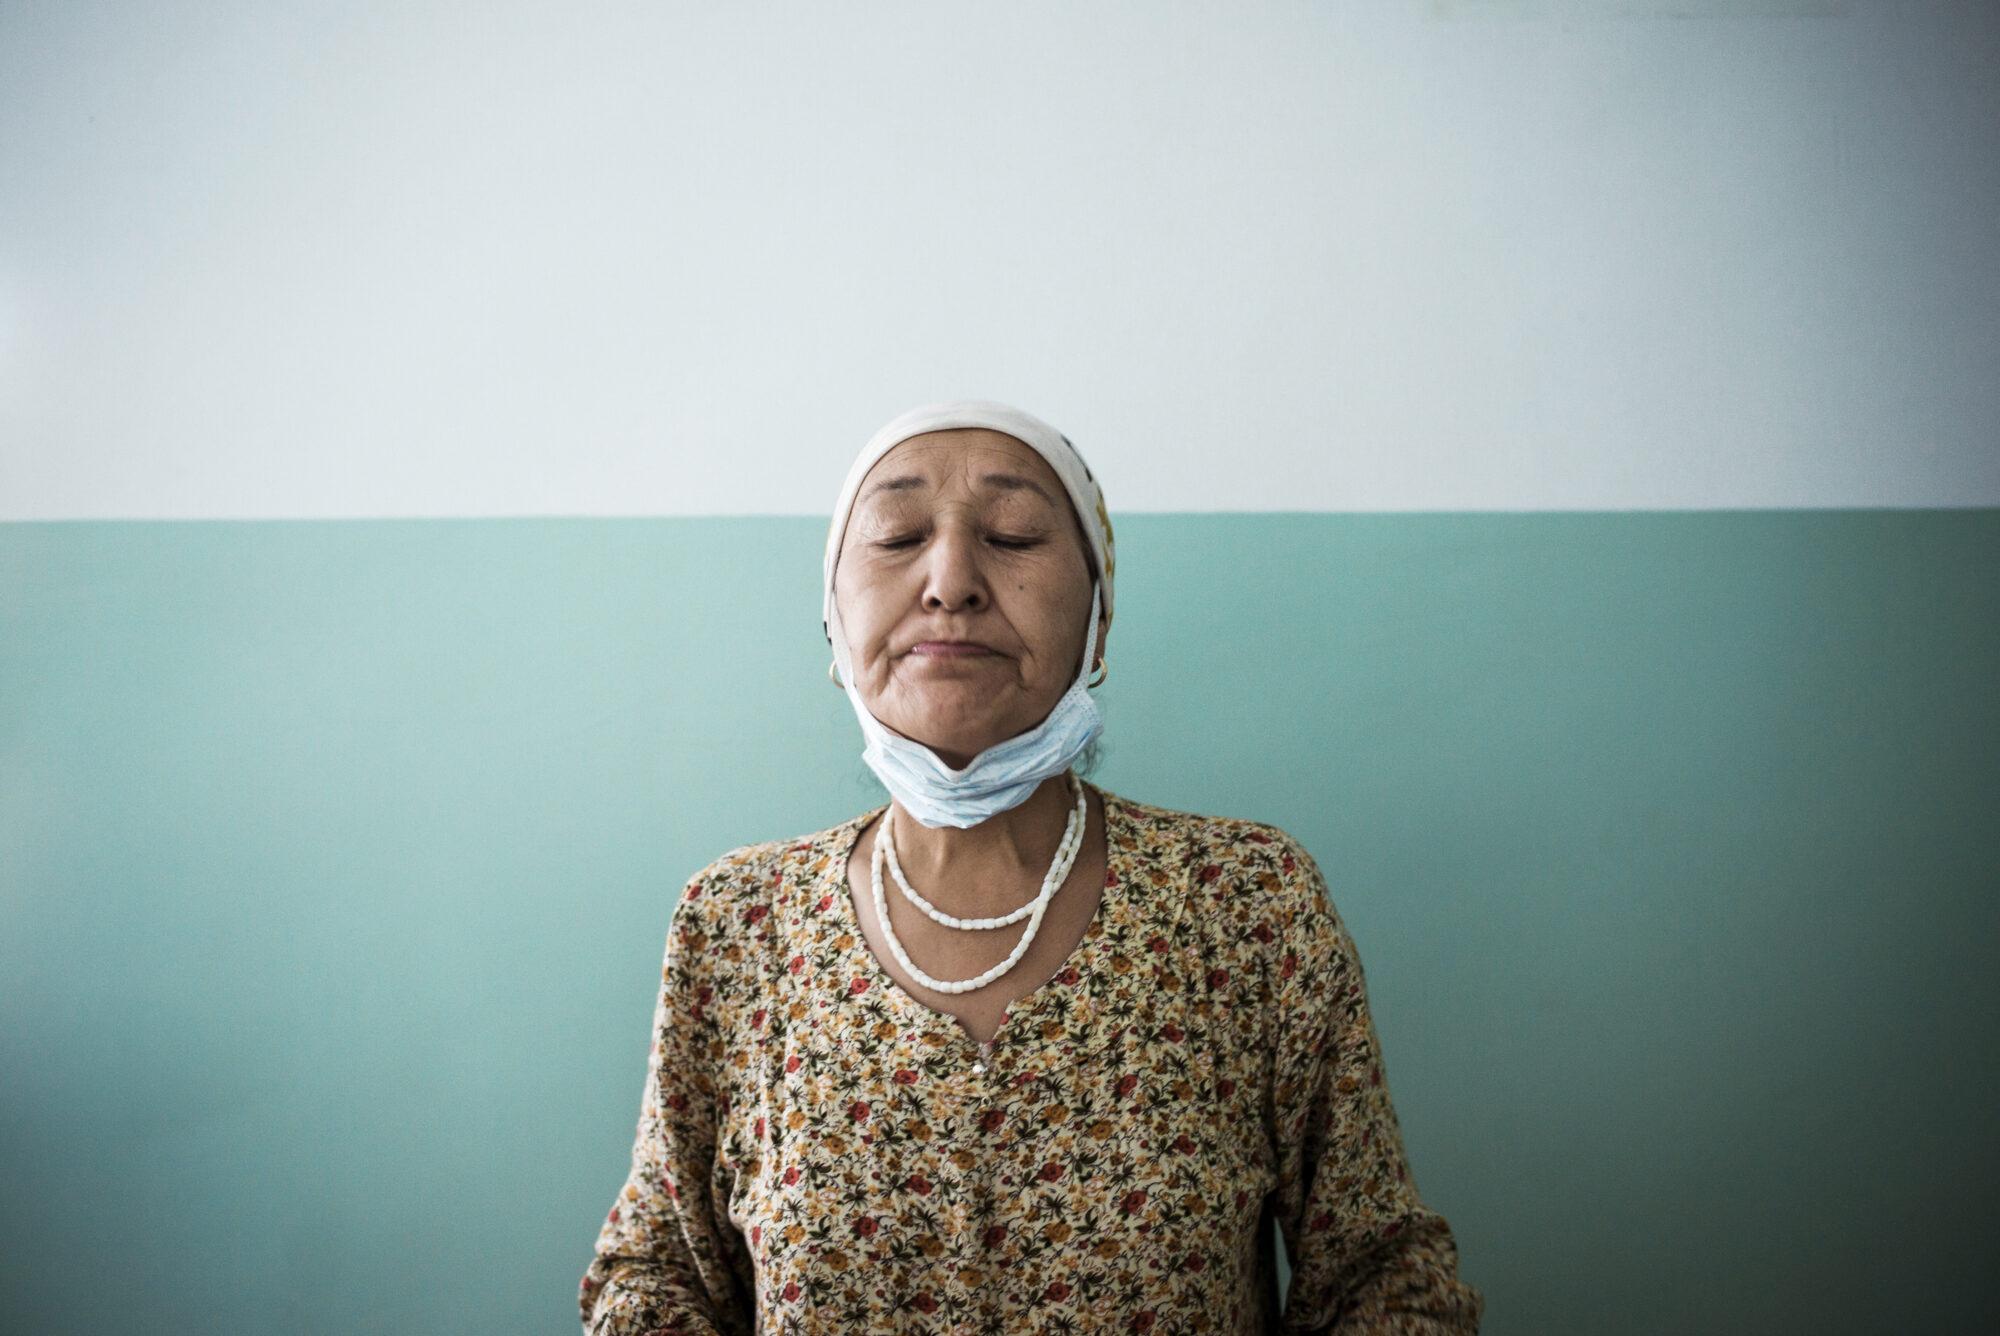 Kuvassa tuberkuloosipotilas nielee päivittäistä lääkeannostaan.